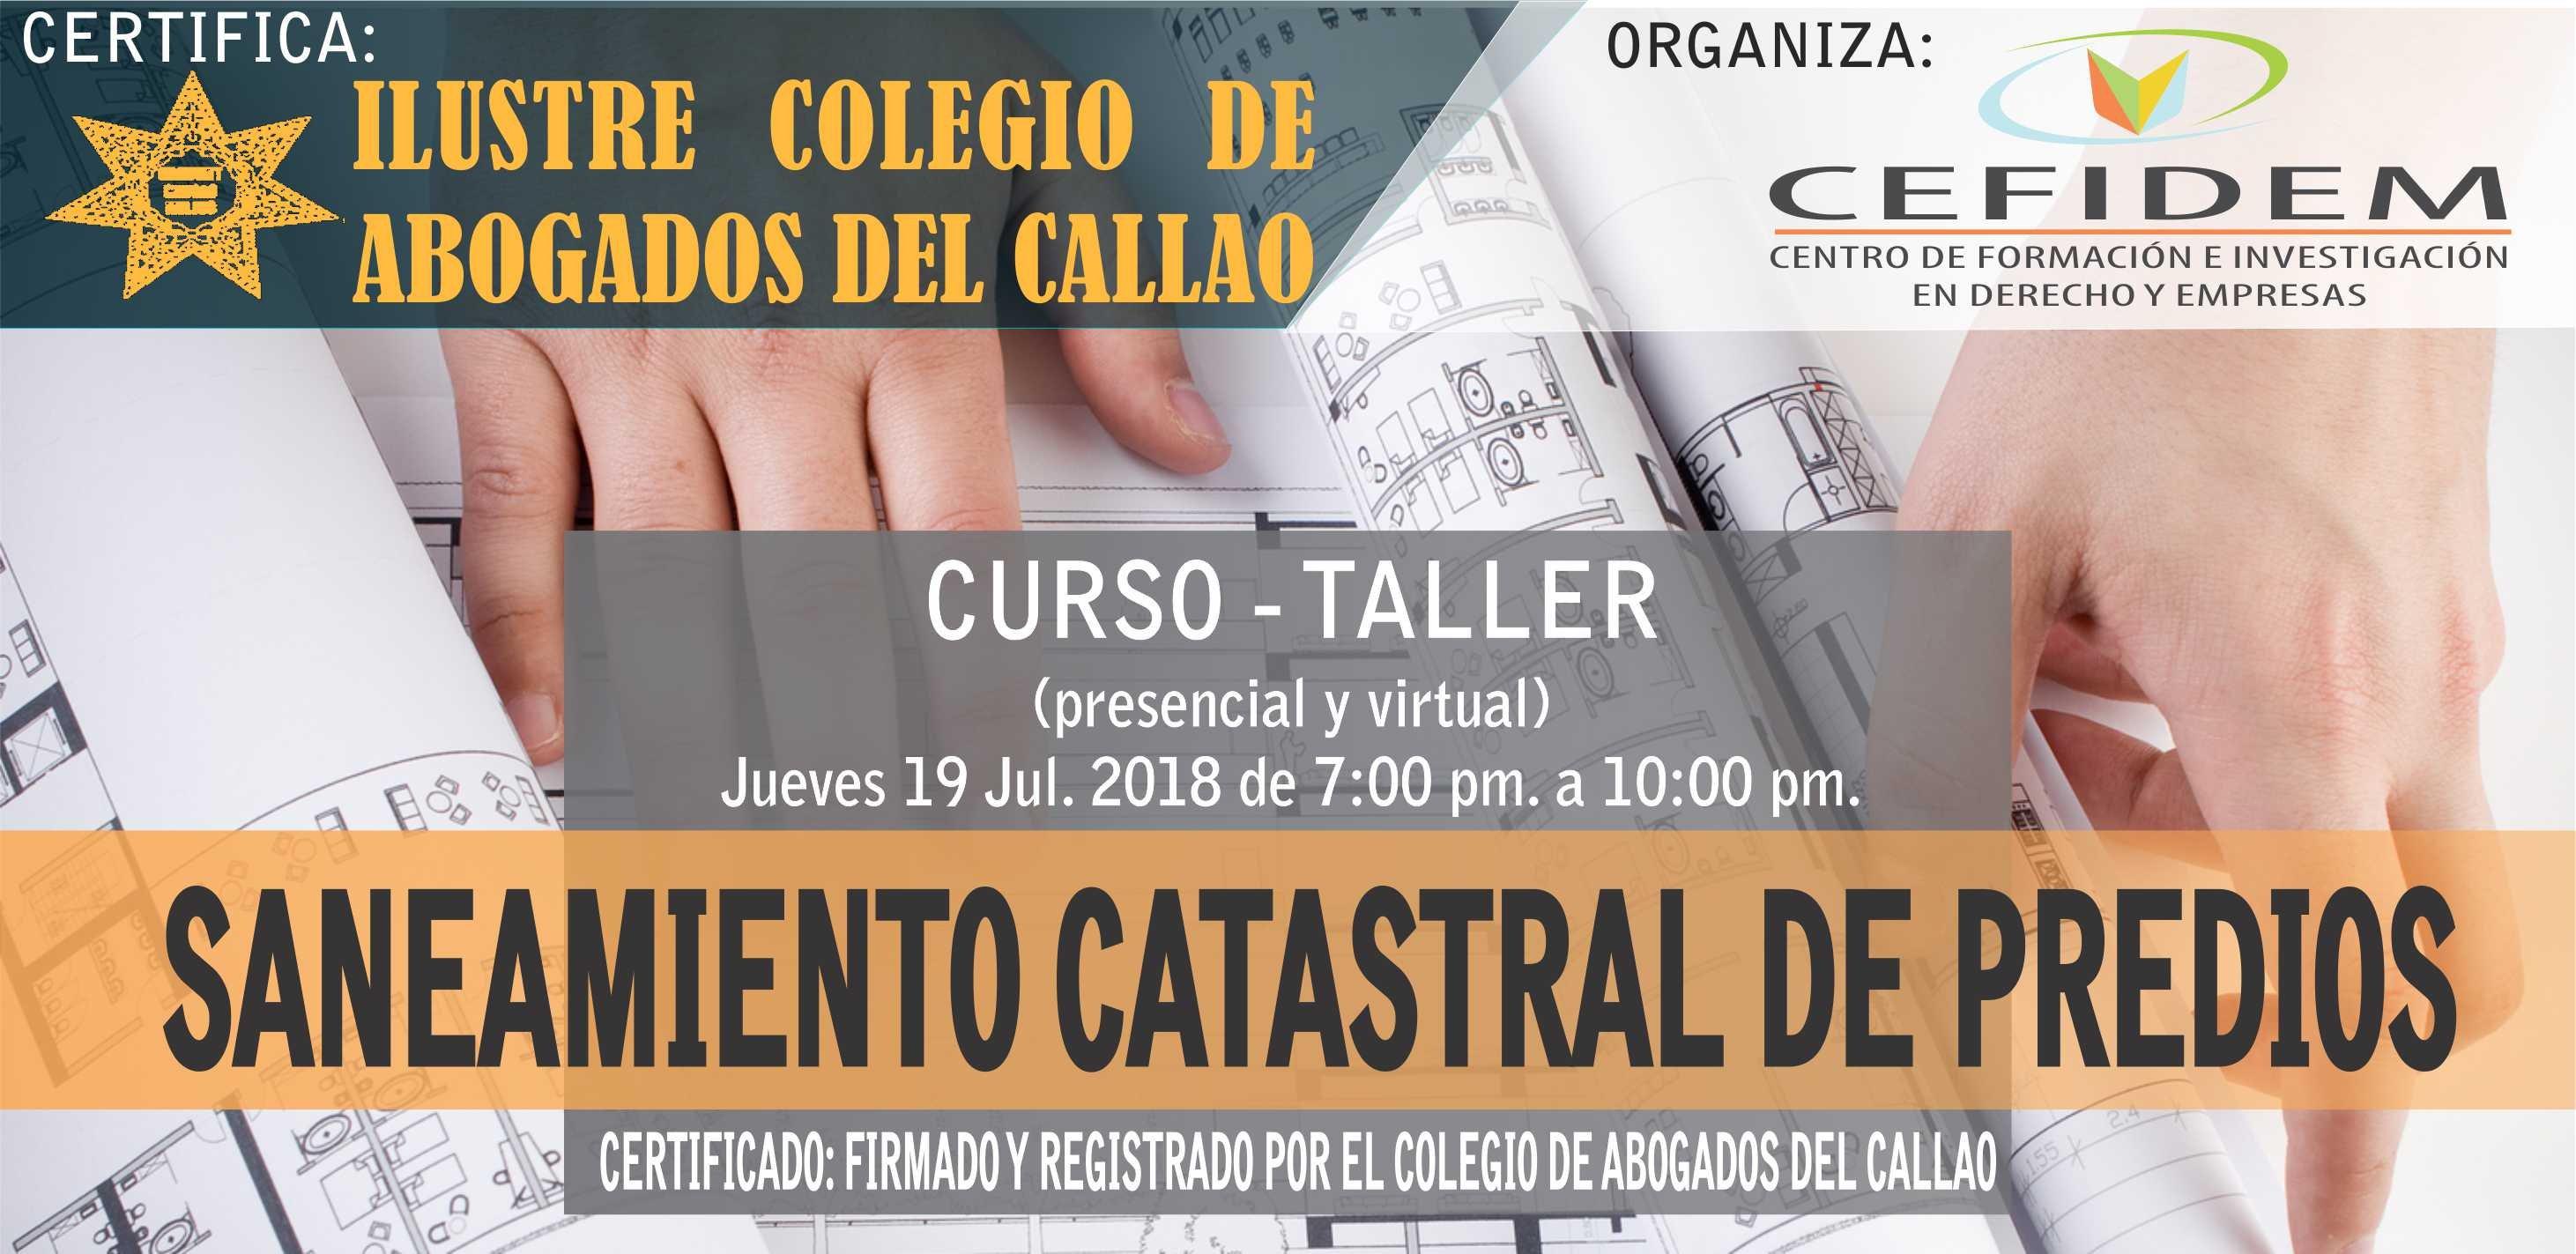 Curso-Taller: SANEAMIENTO CATASTRAL DE PREDIOS (19/07/18)